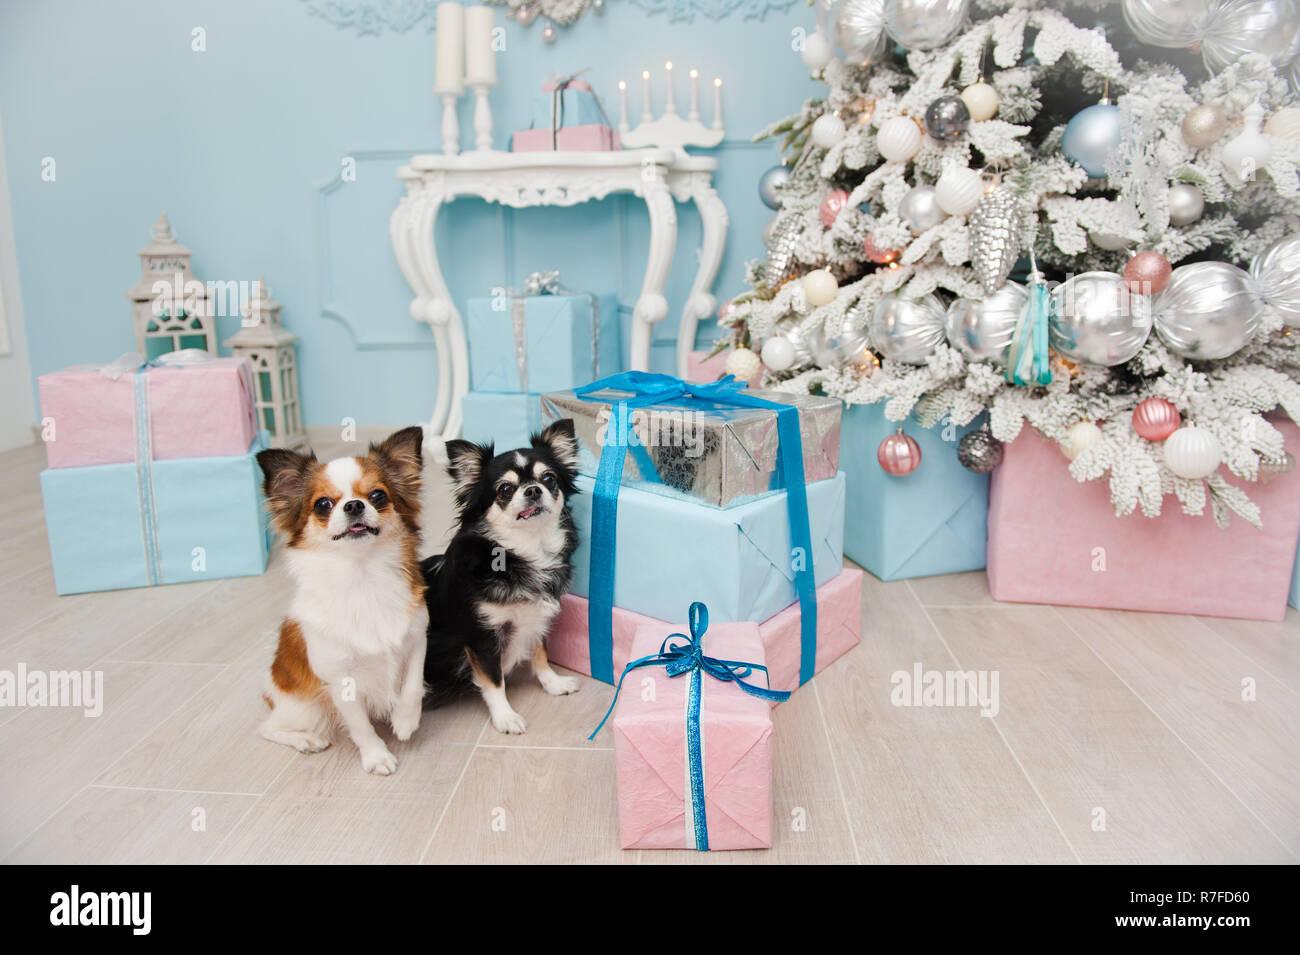 Zwei Susse Kleine Hunde Chihuahua Sitzen In Der Nahe Von Rosa Und